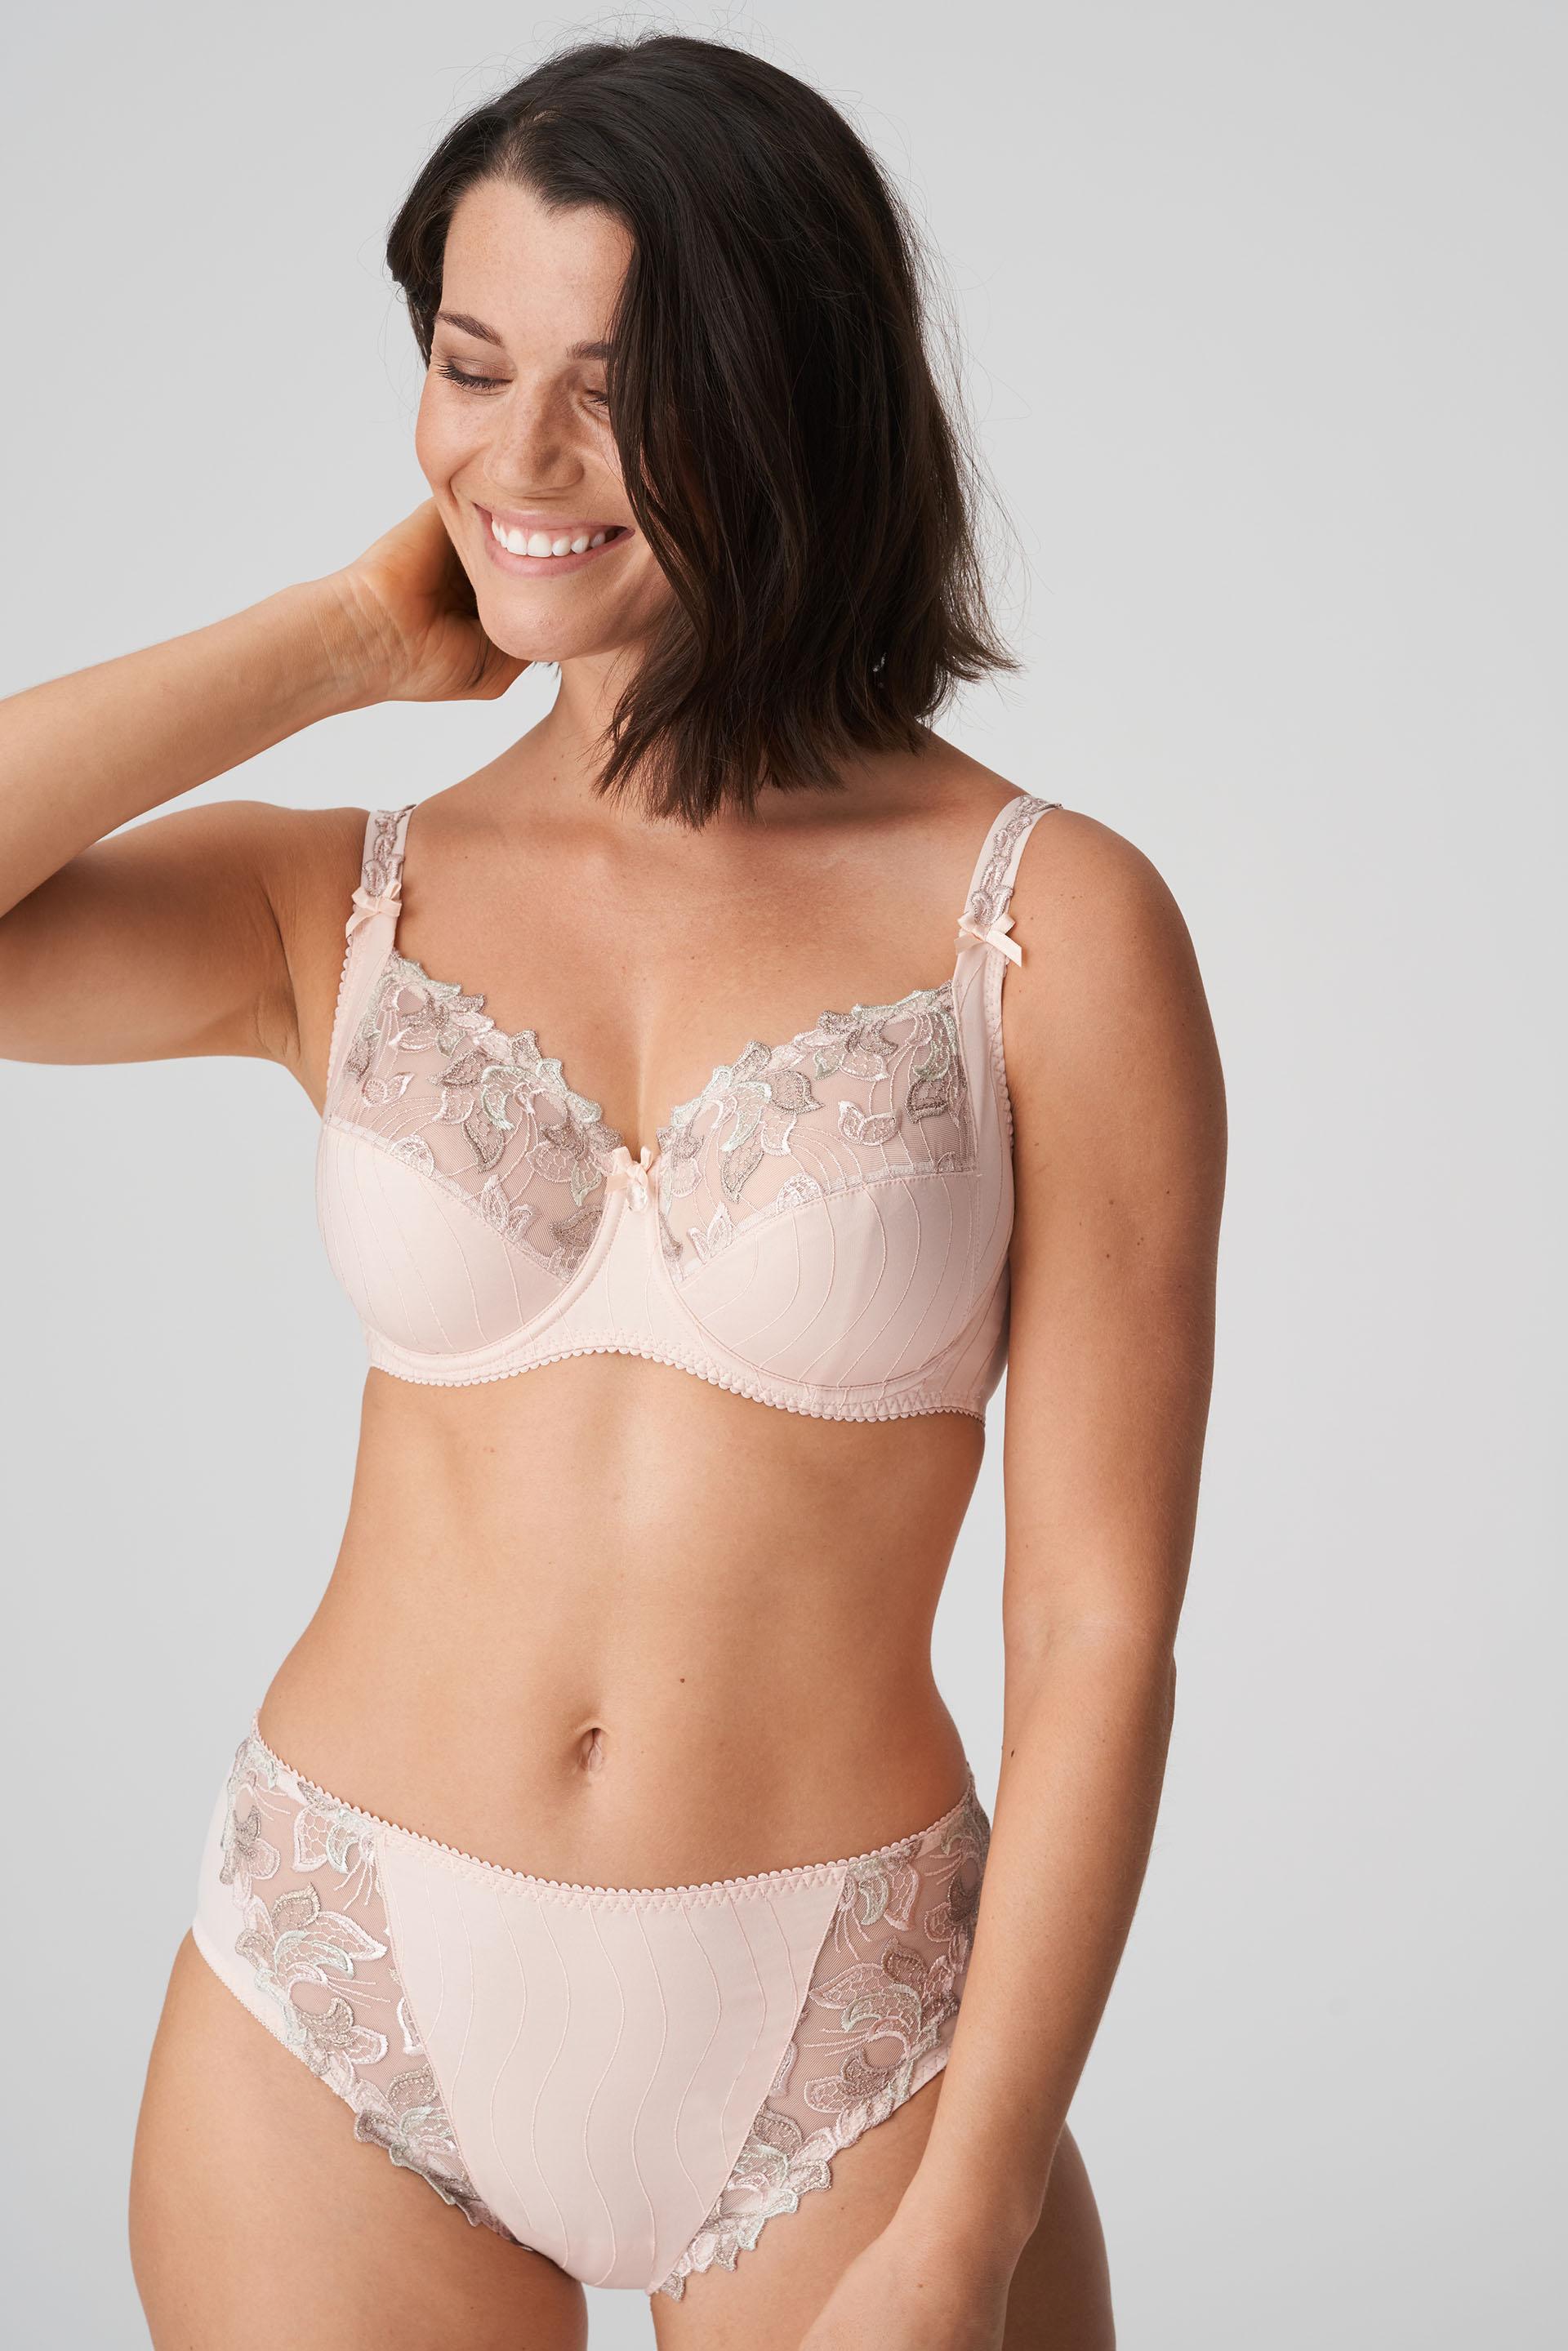 Mannequin portant un ensemble lingerie de la marque PrimaDonna